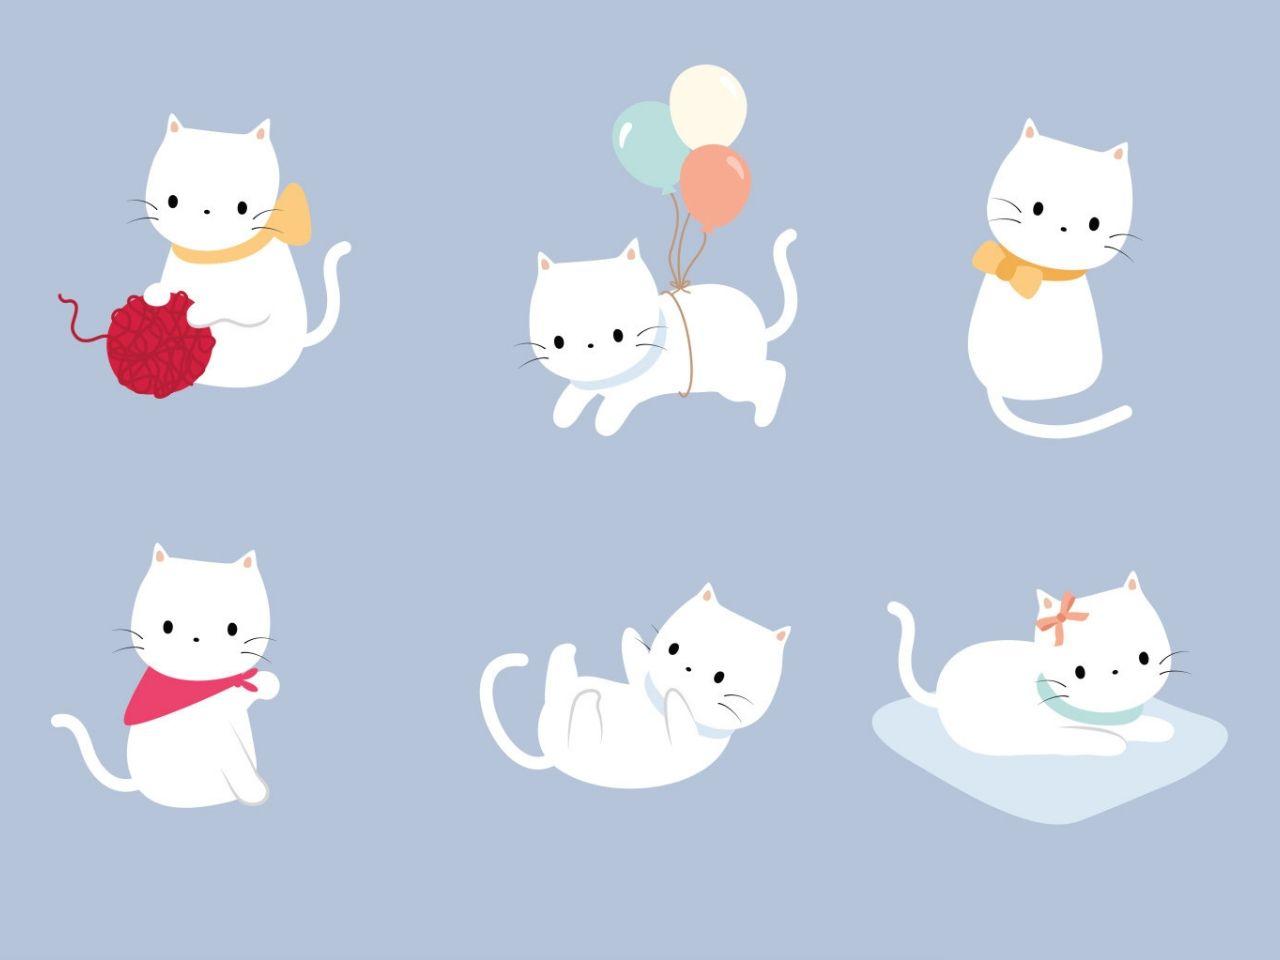 シンプルなかわいい猫イラスト ダウンロード壁紙kucing 1280x960 Wallpapertip